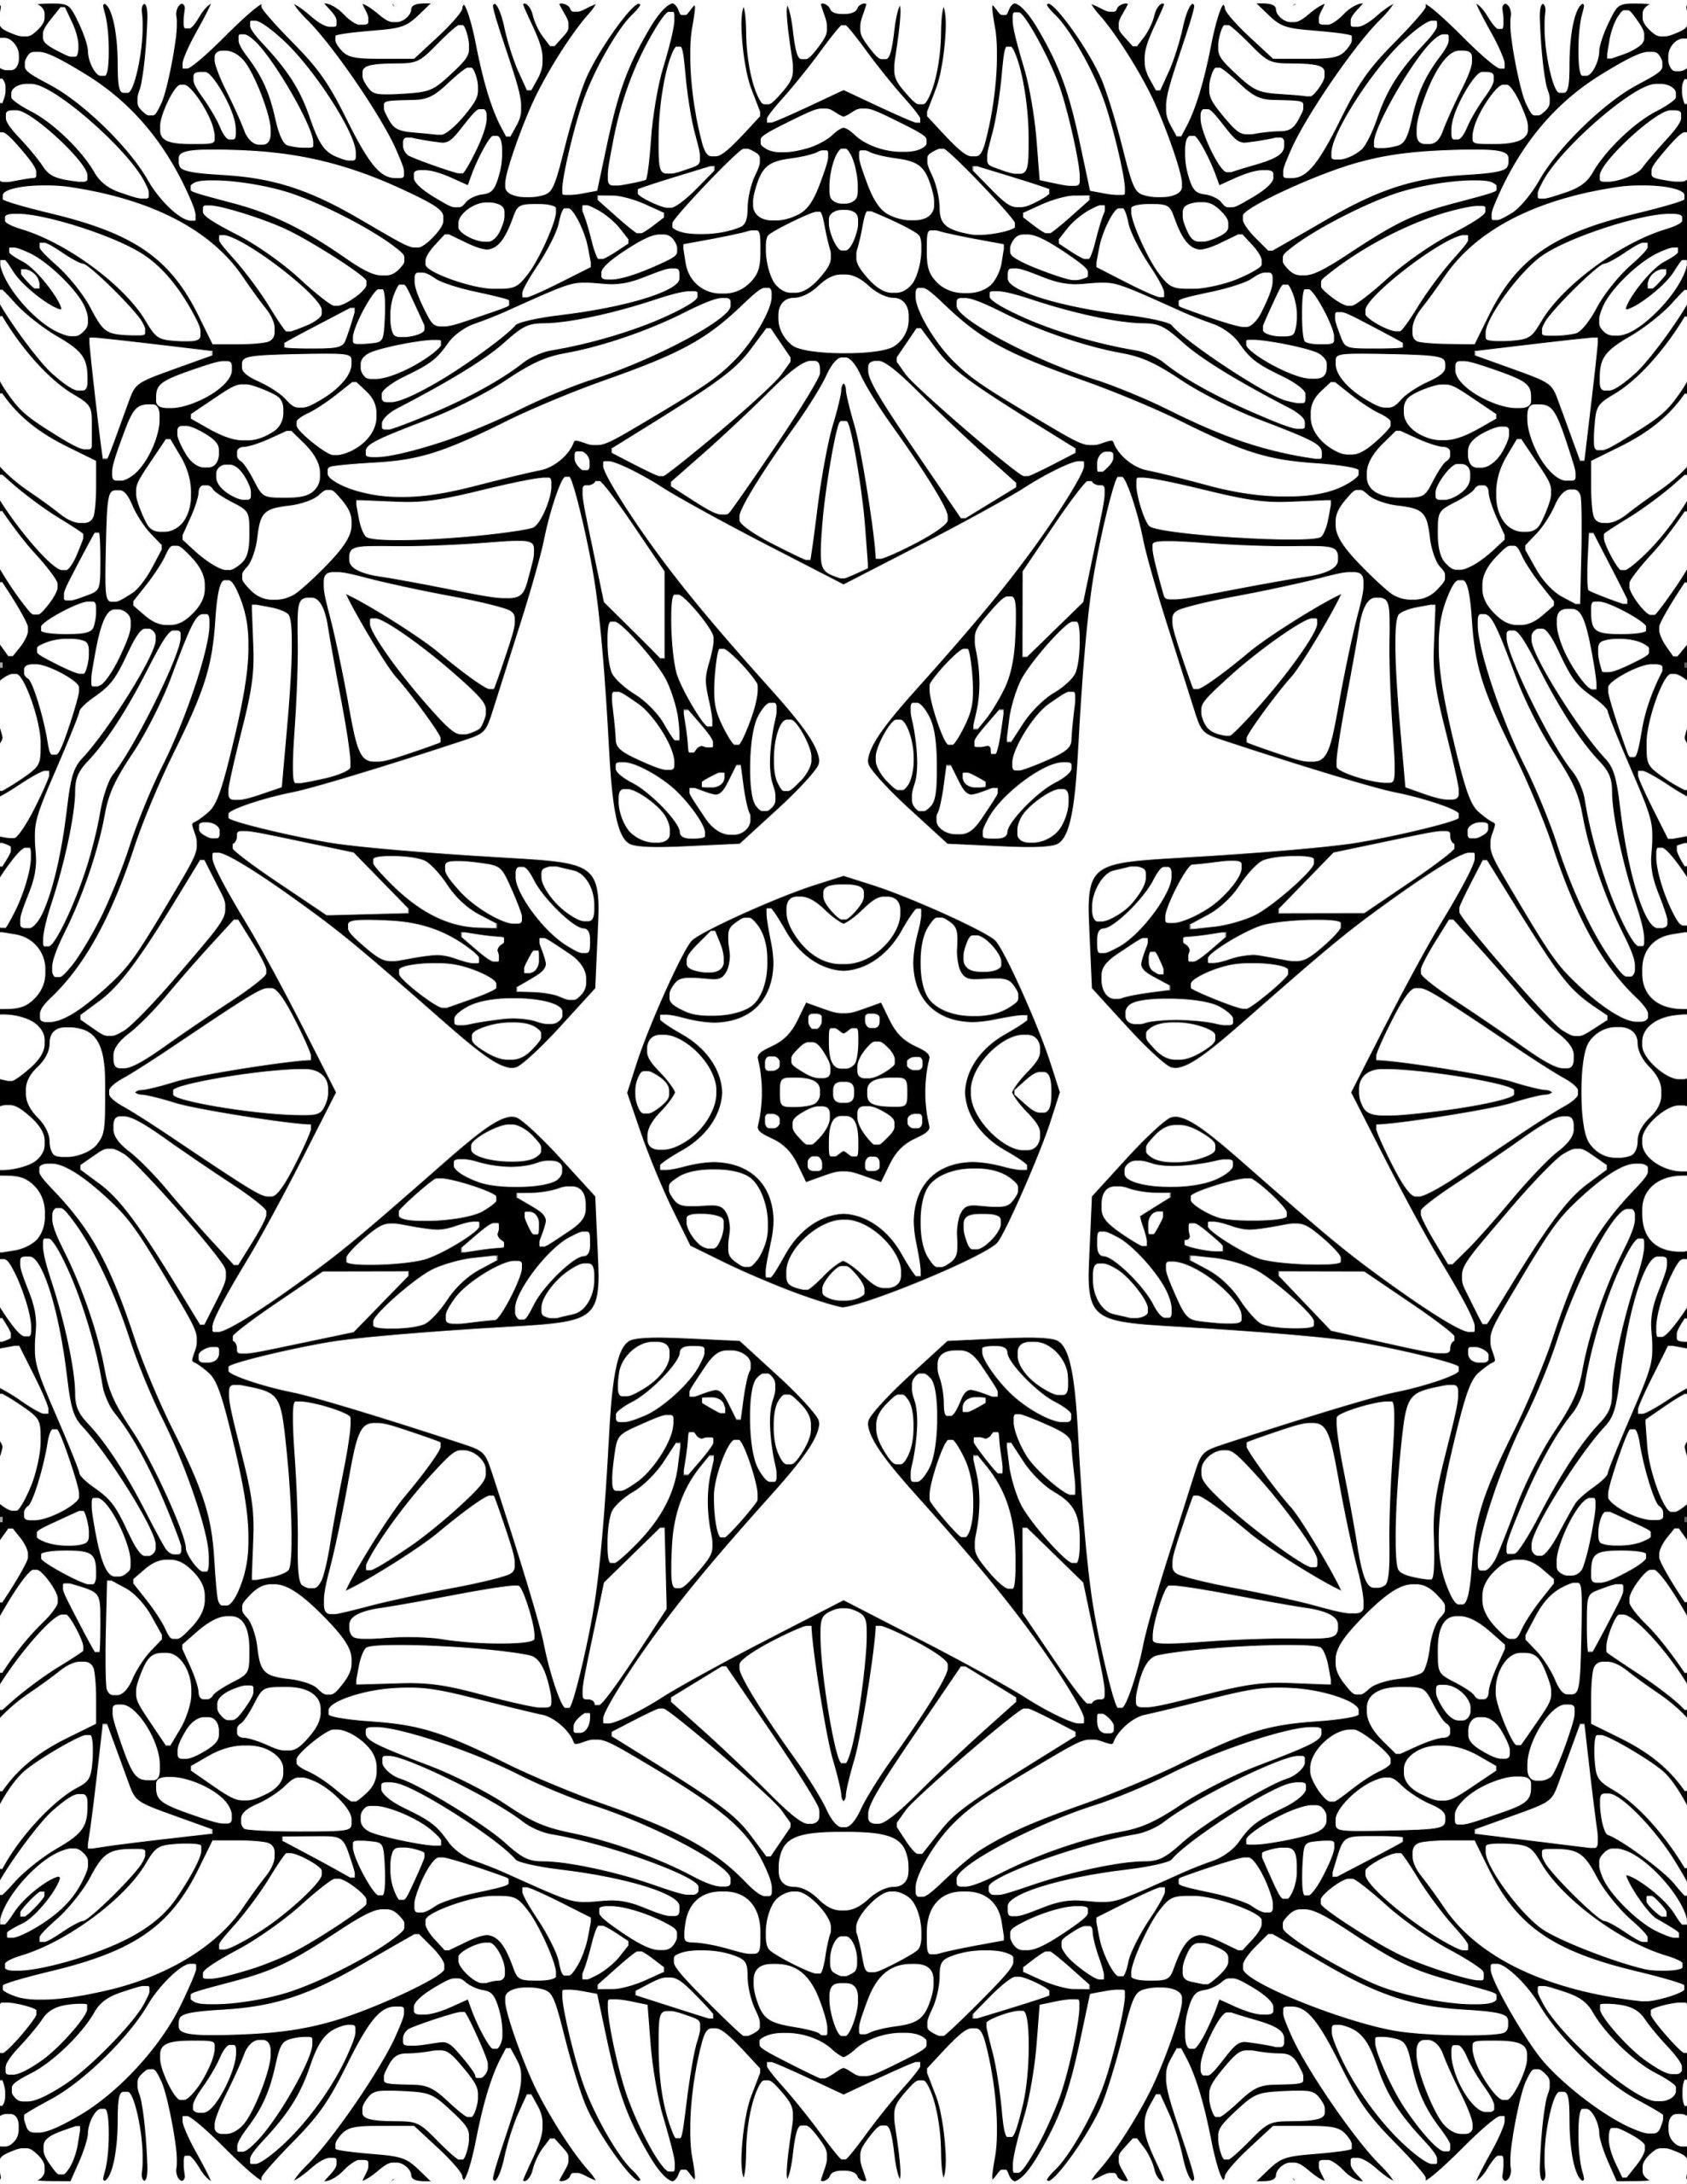 Mandala Ausmalen Für Erwachsene - Ausmalbilder Kostenlos ganzes Mandalas Zum Ausmalen Für Erwachsene